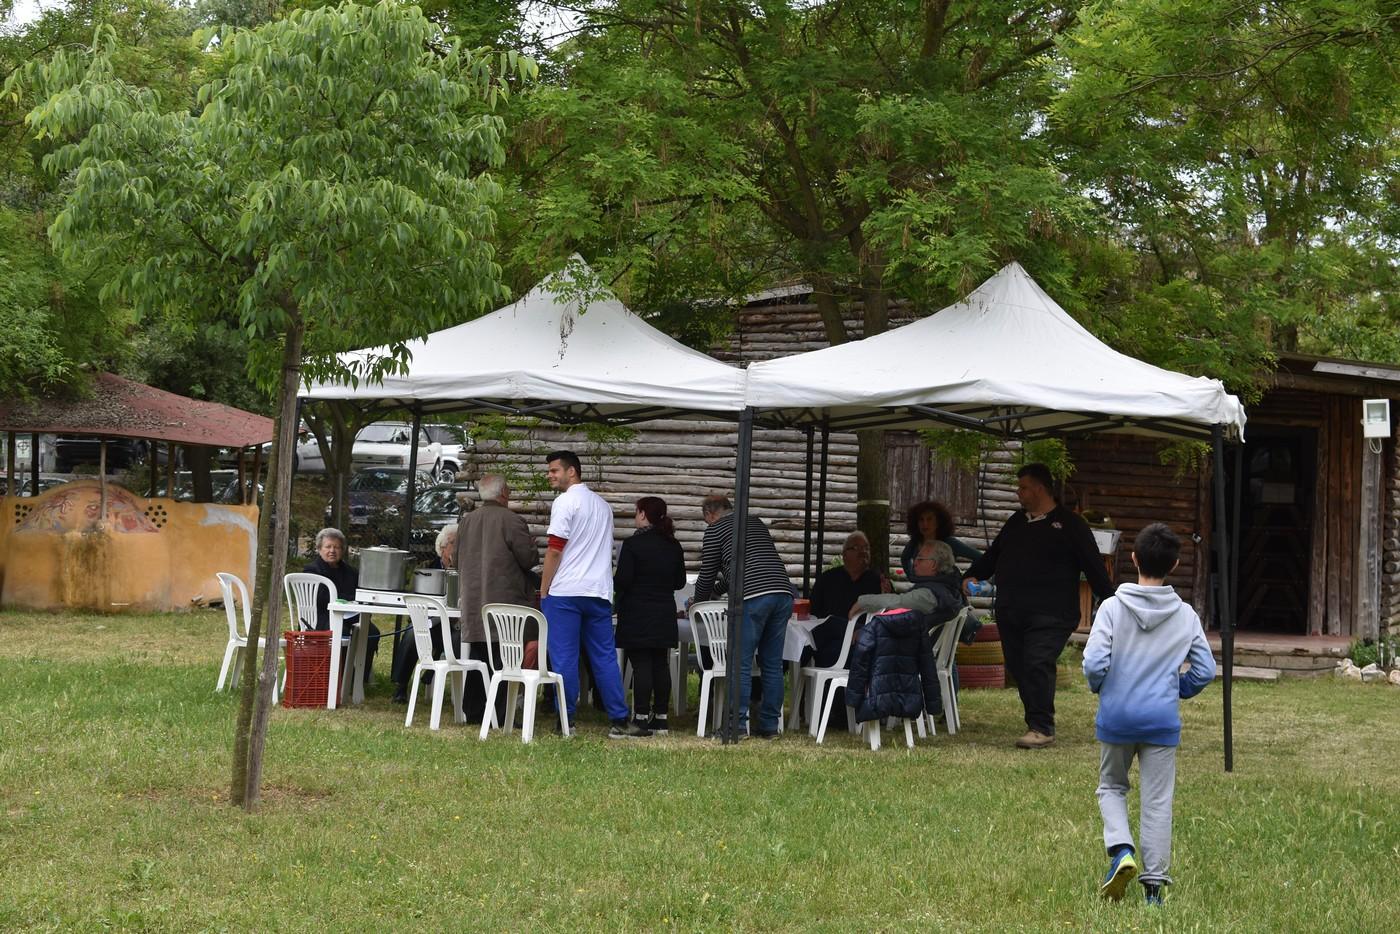 Ξεκίνησε η 4η Οικογιορτή στη Λάρισα (φωτο)